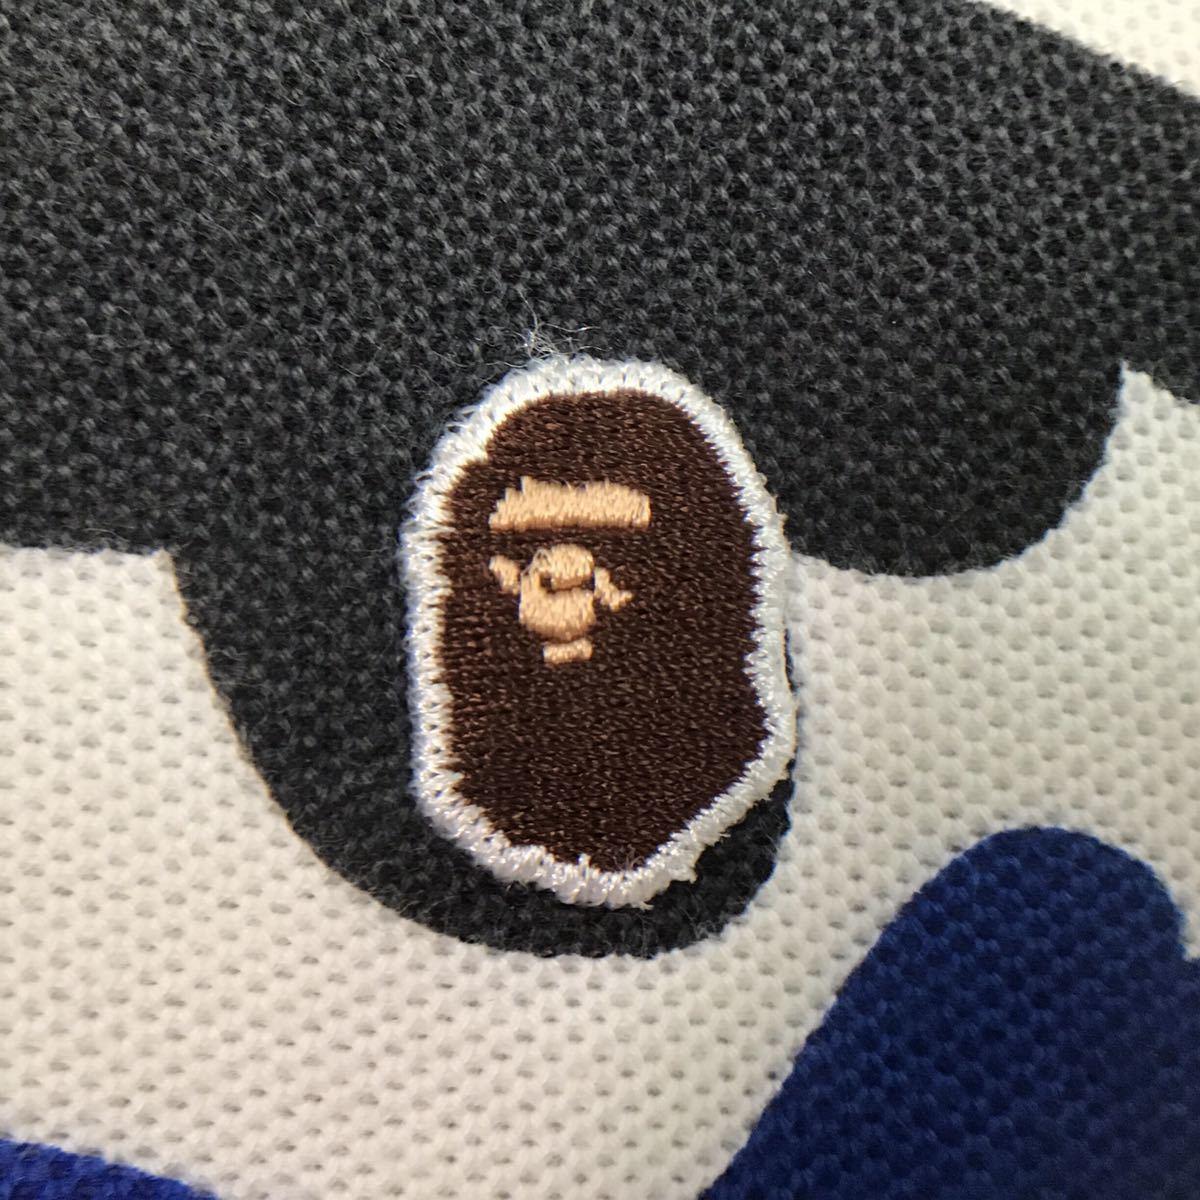 ★前橋限定★ maebashi city camo ポロシャツ Mサイズ a bathing ape bape エイプ ベイプ アベイシングエイプ 都市限定 store limited 5142